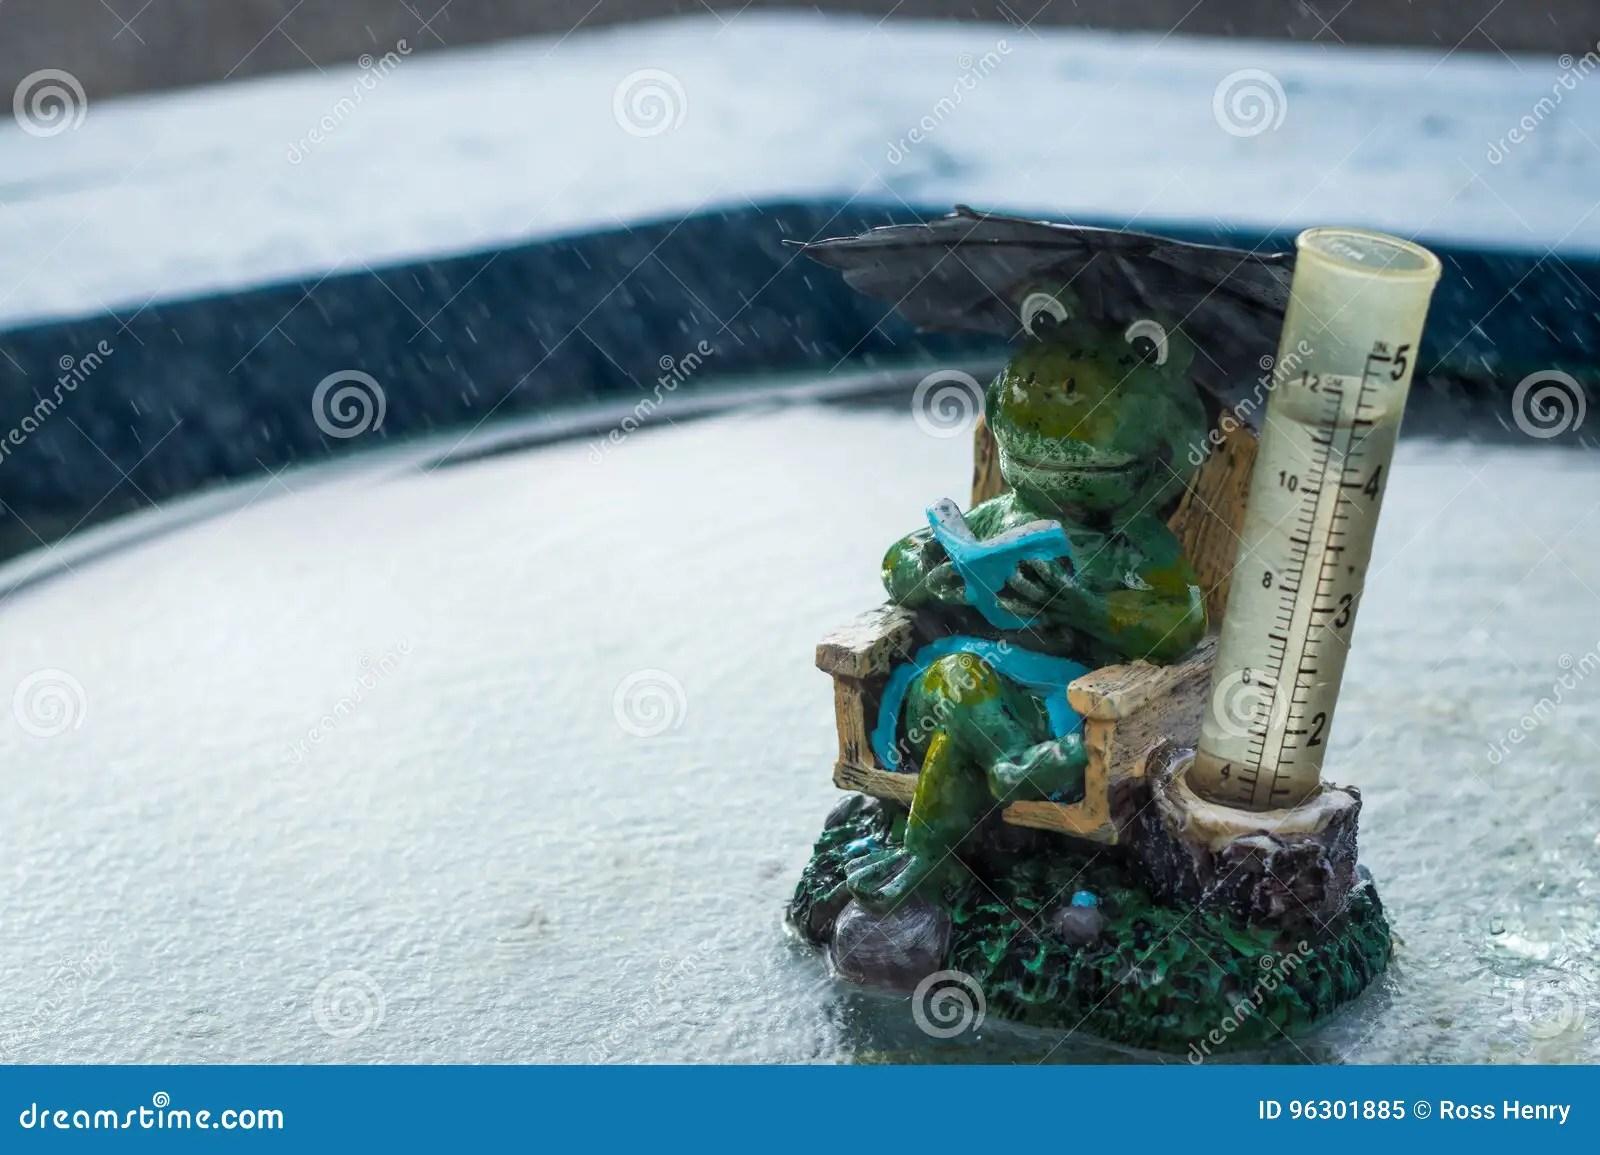 Frog Rain Gauge Stock Image Image Of Rain Water Frog